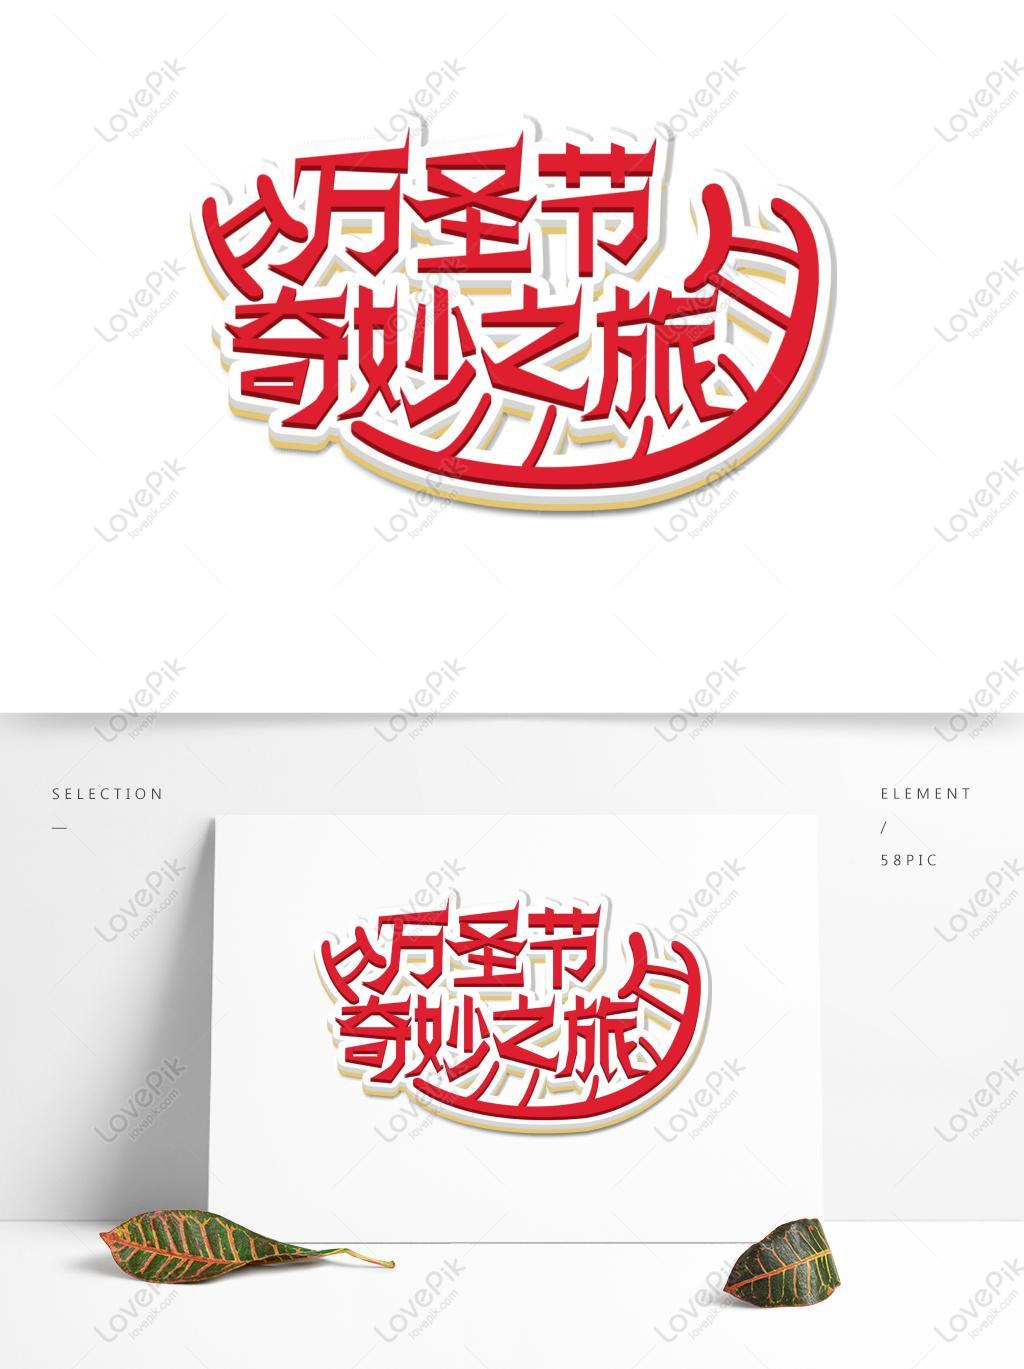 萬聖節素材奇妙之旅藝術字體元素PSD美工圖案免費下載-素材分辨率1369 × 1024px - Lovepik ID732444446